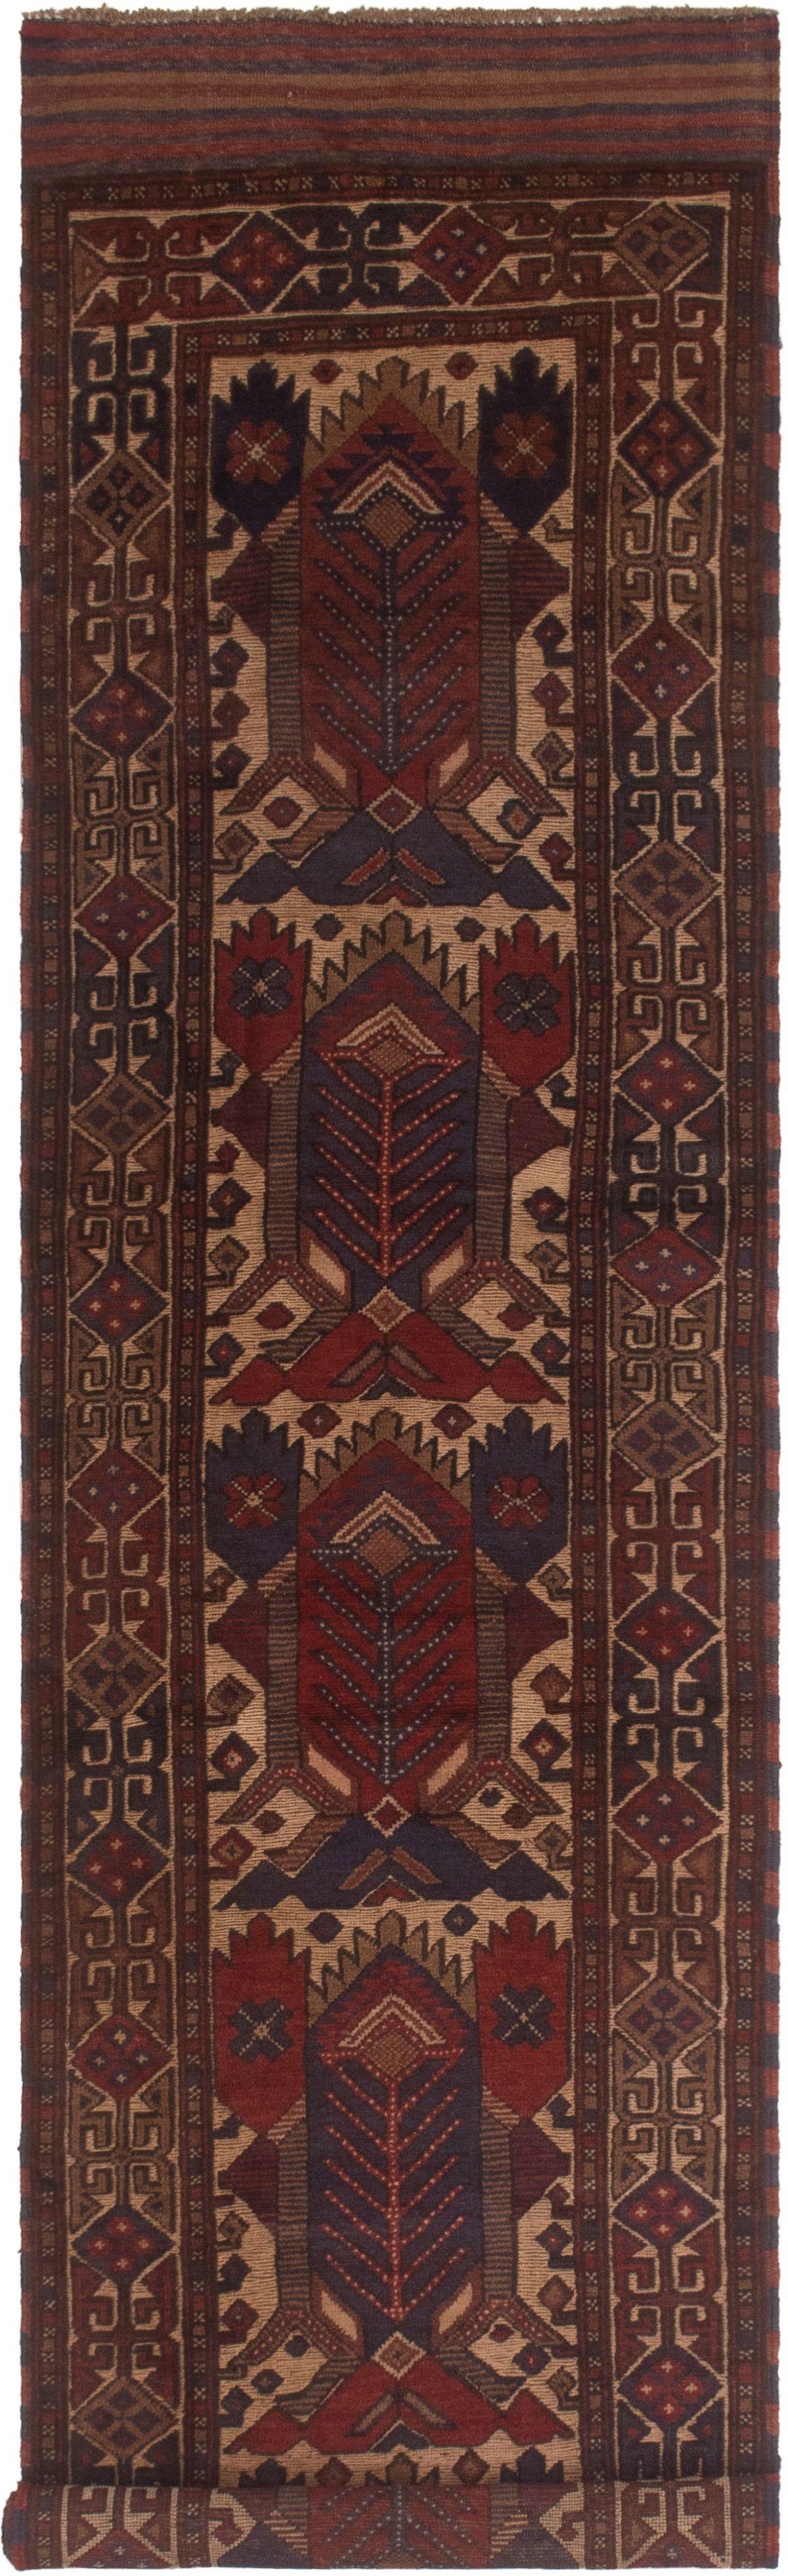 """Hand-knotted Tajik Caucasian Dark Blue, Red Wool Rug 2'8"""" x 12'2"""" Size: 2'8"""" x 12'2"""""""